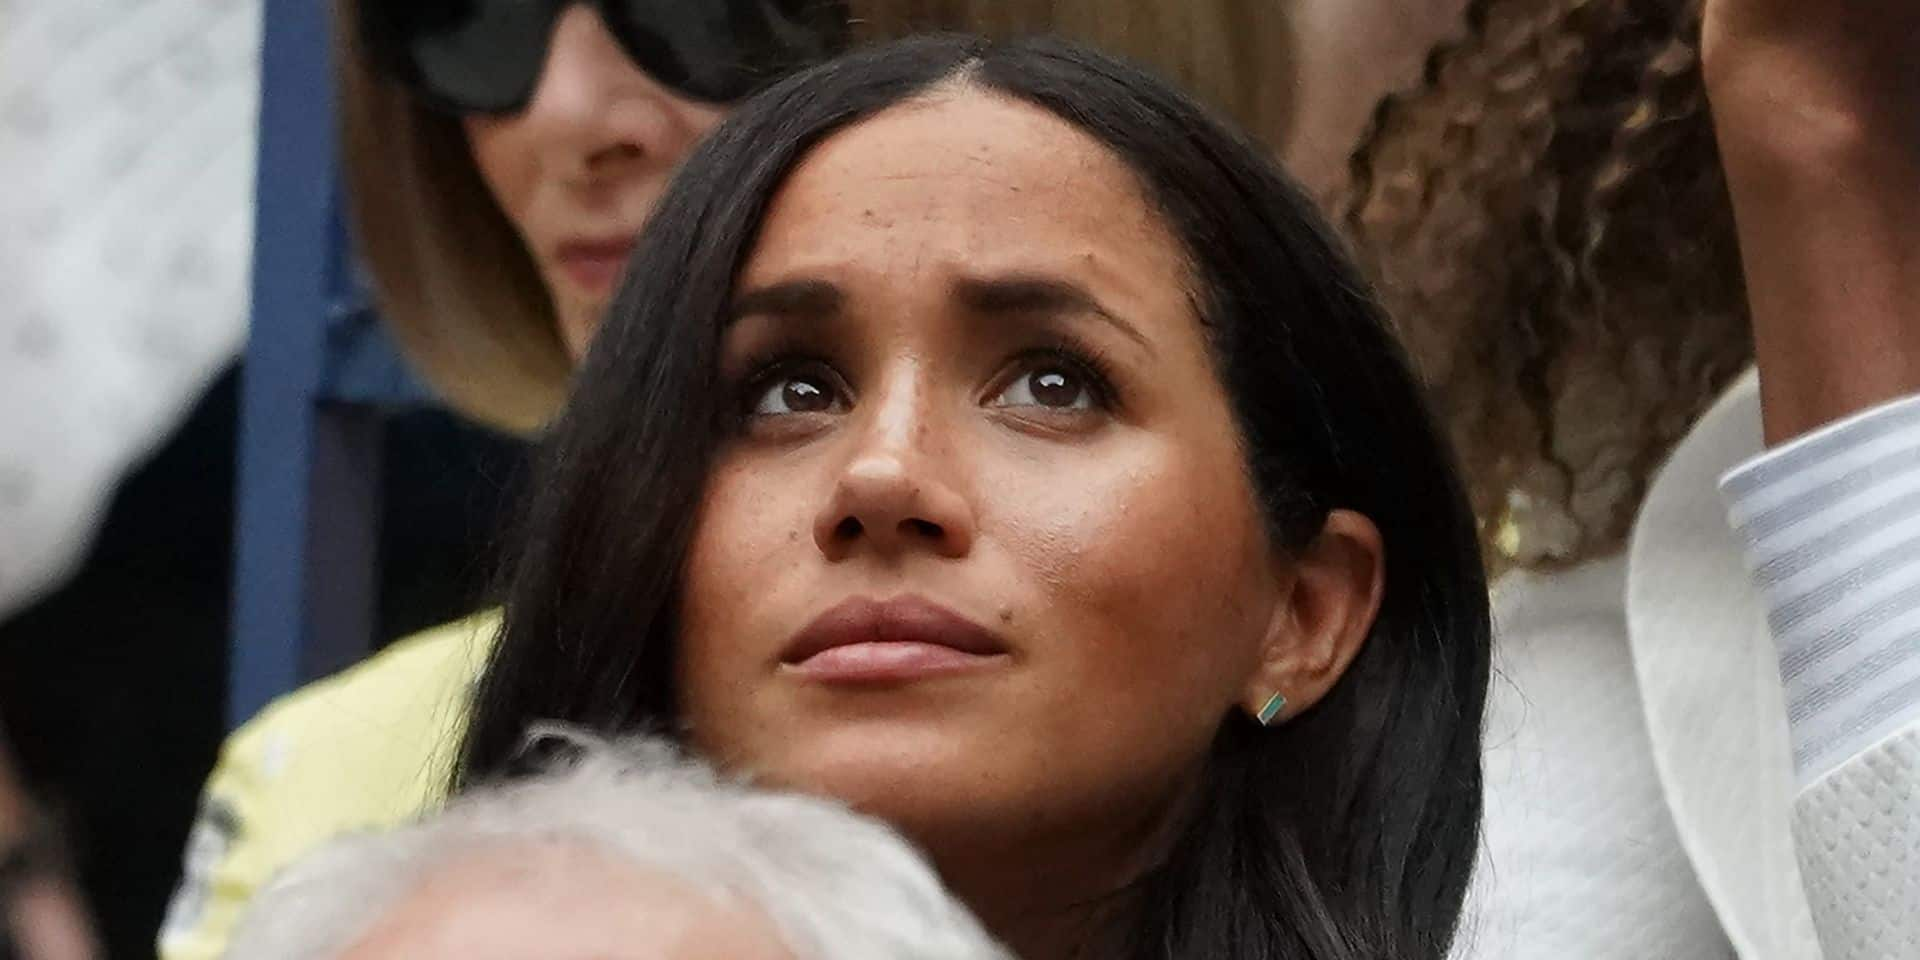 """""""Campagne de dénigrement calculée"""": Meghan Markle fustige les nouvelles accusations de harcèlement à son encontre"""